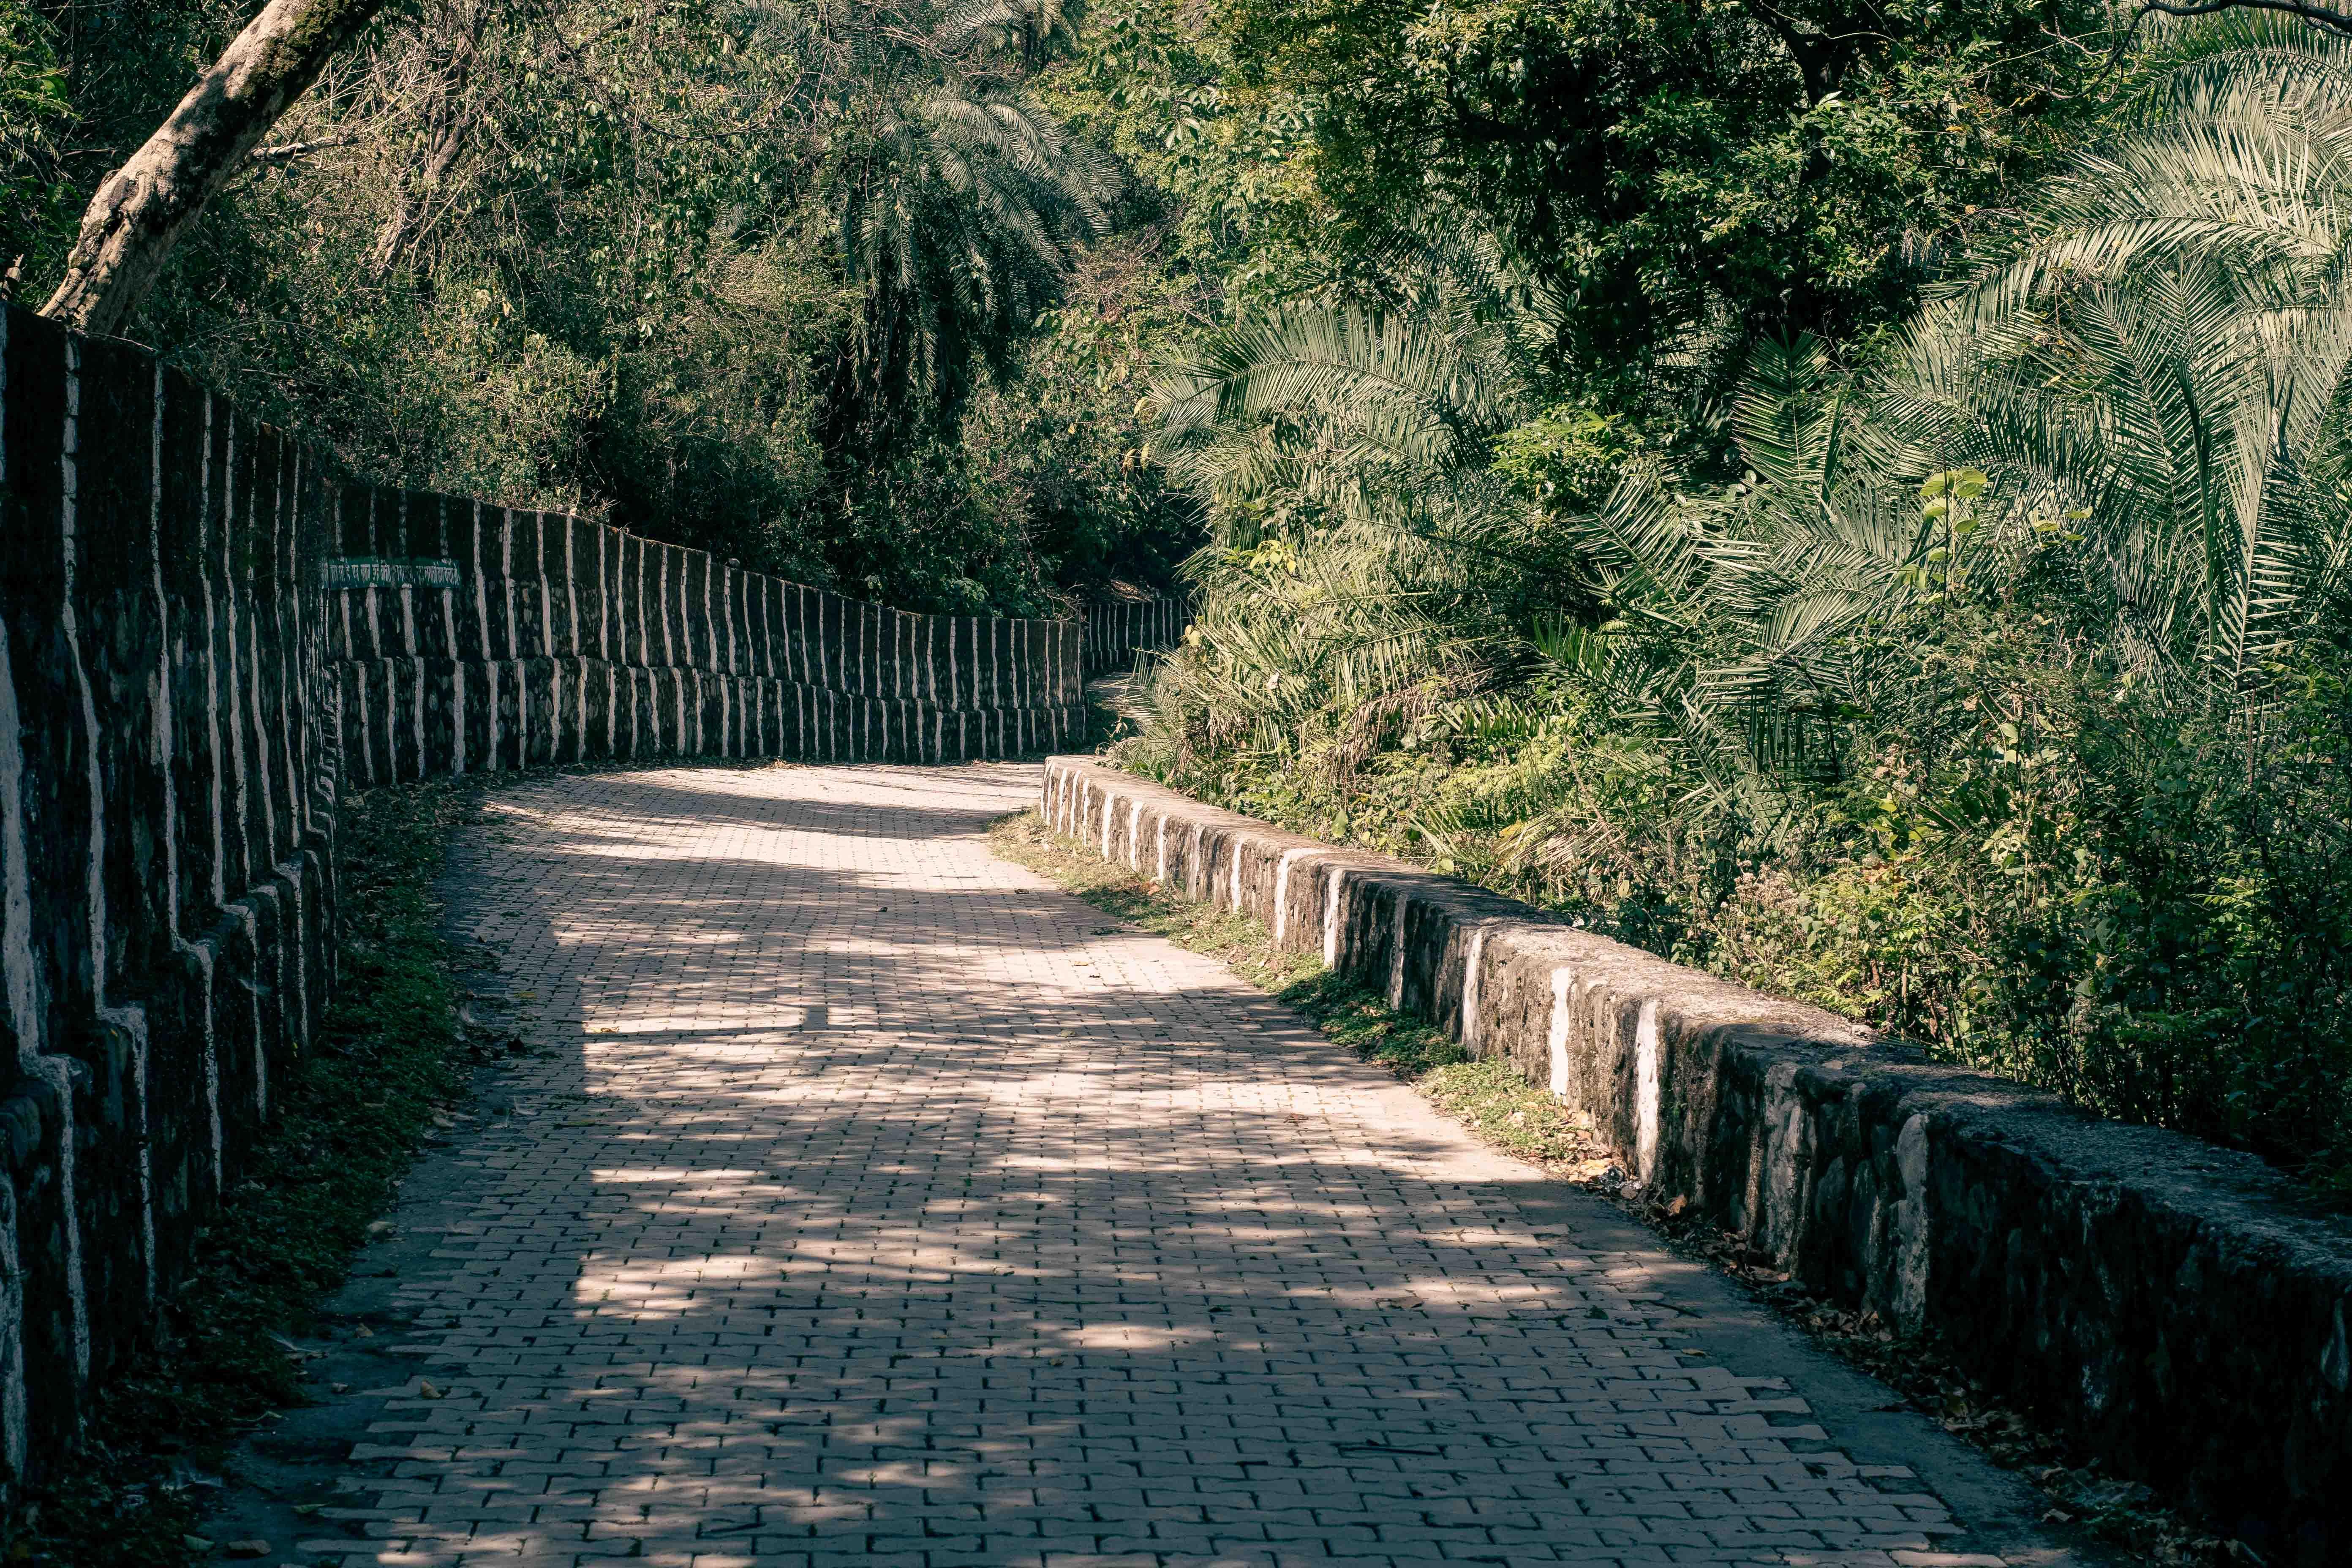 Pathway of Renukaji Zoo